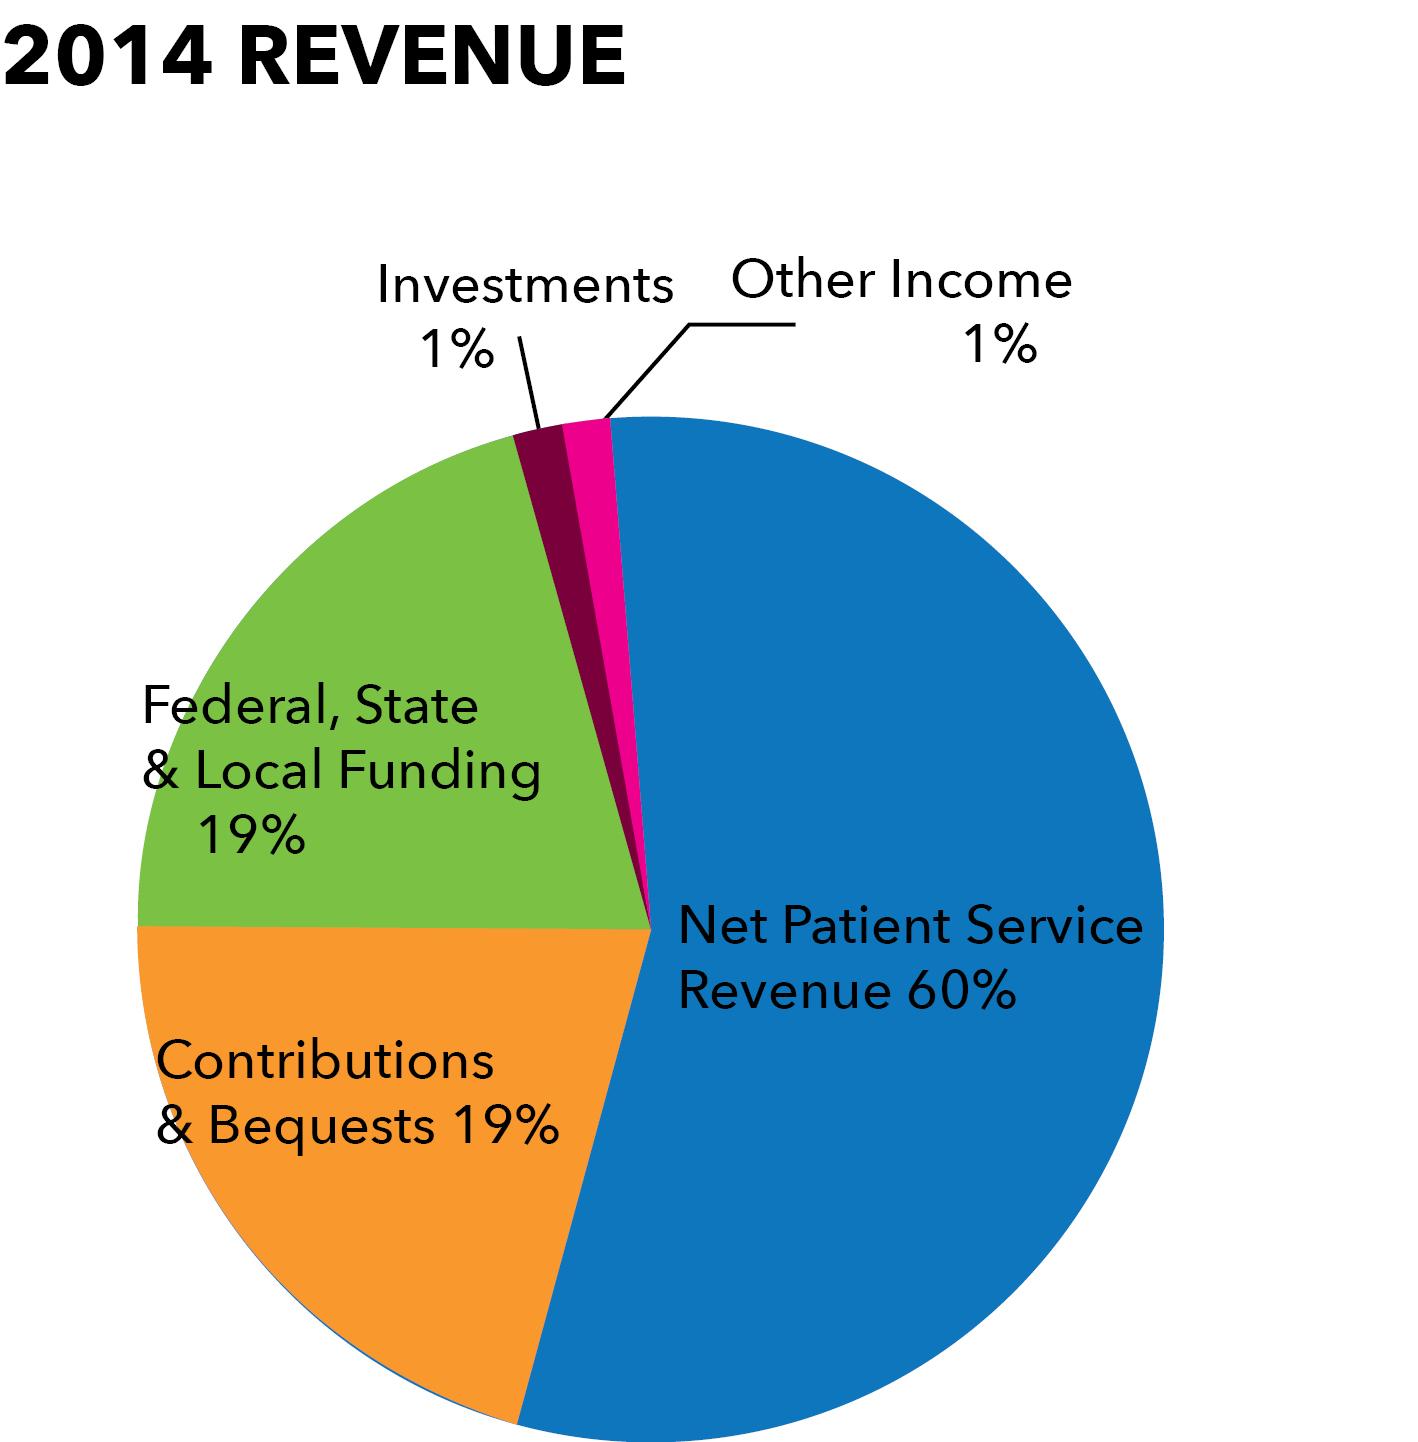 2014 revenue pie chart